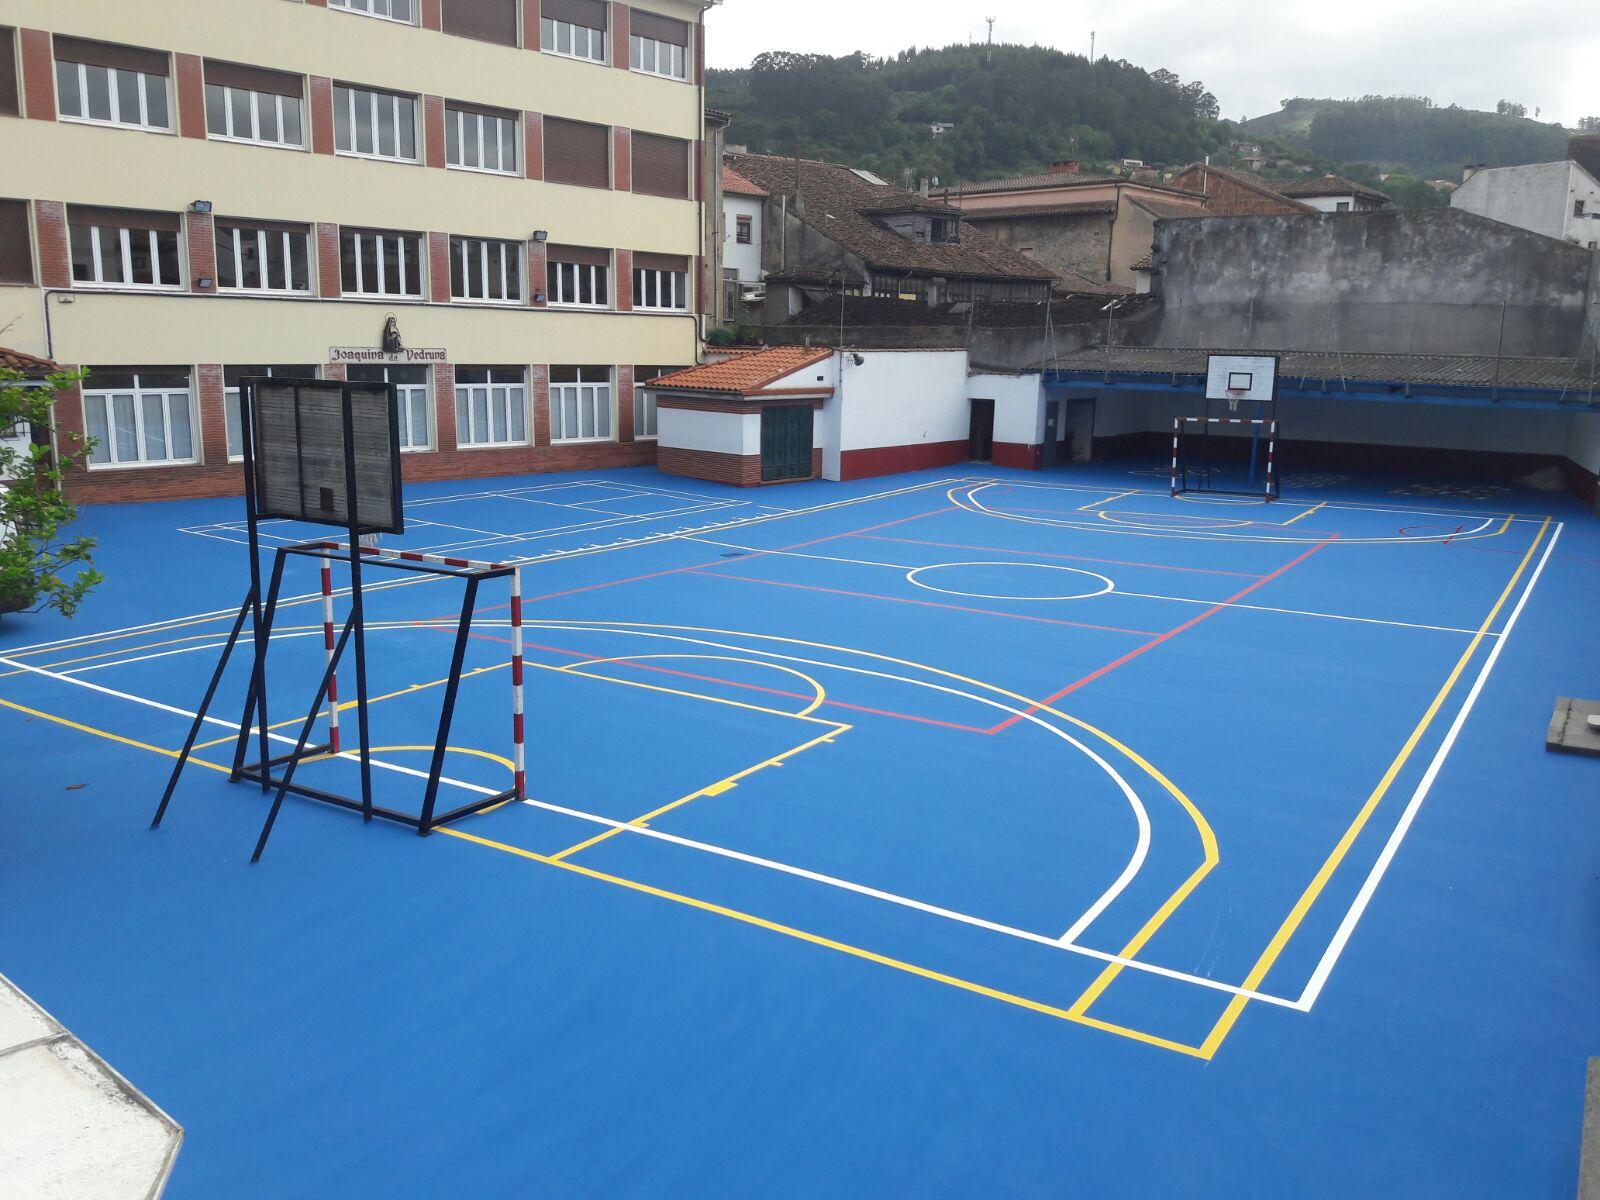 Colegio Público Maliayo en Villaviciosa10